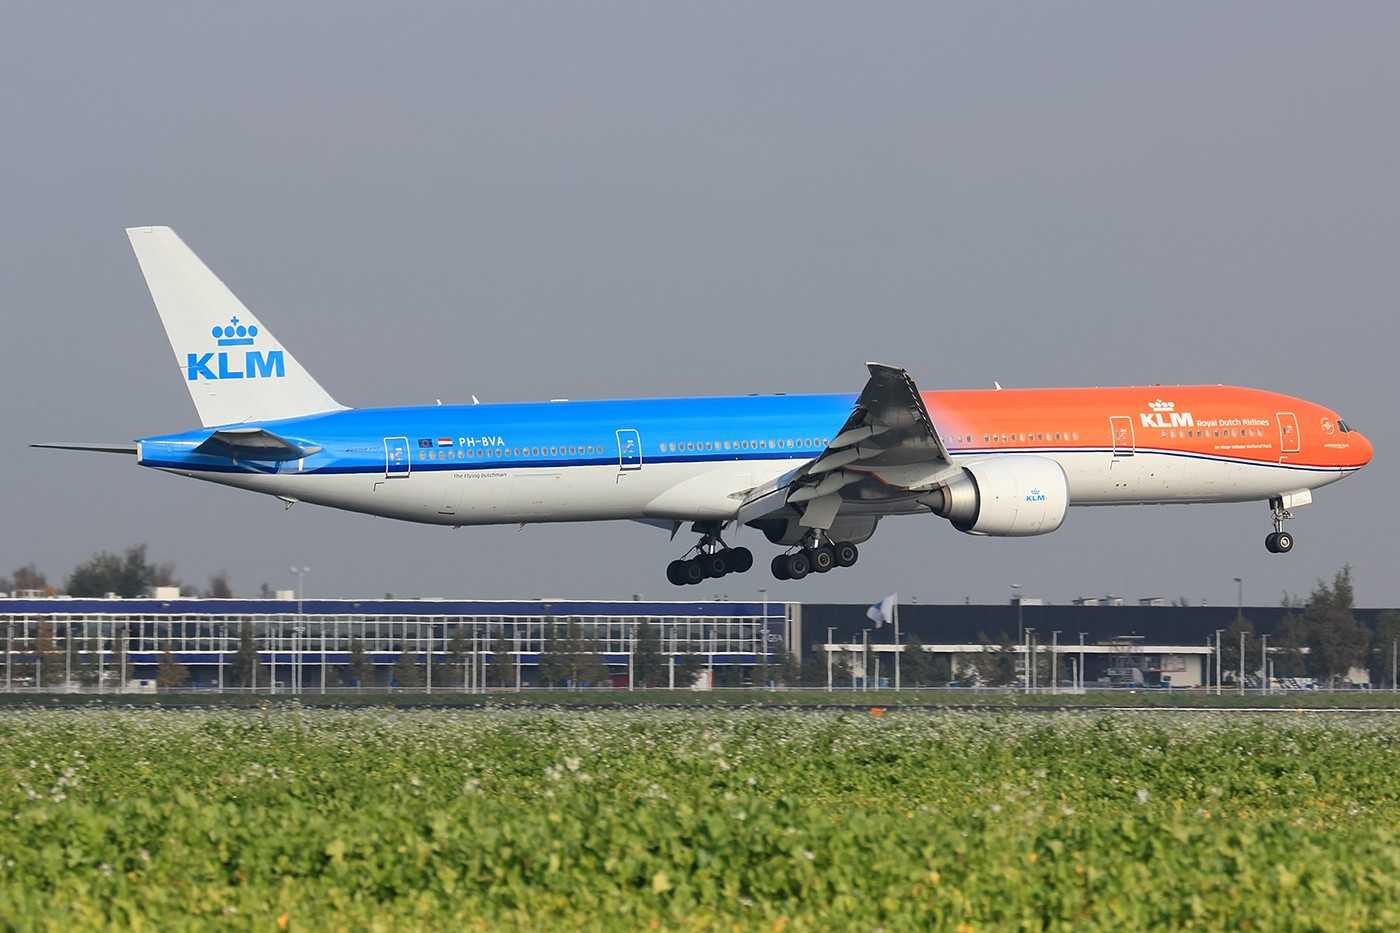 Re:[原创]【AMS】烂天来好货 KLM橙色骄傲77W BOEING 777-300ER PH-BVA 荷兰阿姆斯特丹史基浦机场